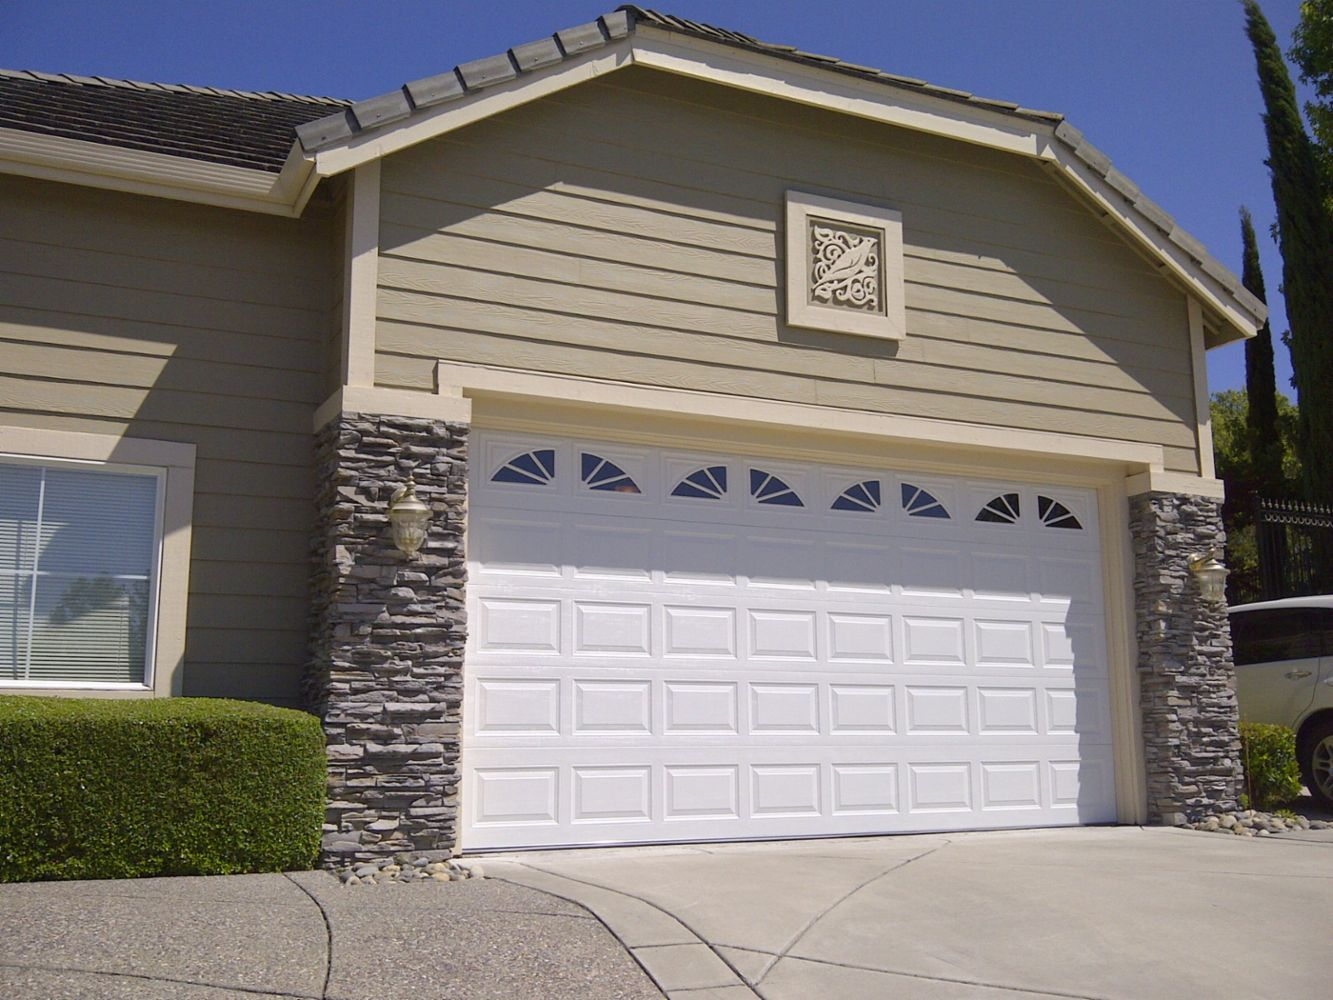 1000 #435388 Garage Door Repair Garage Door Spring Repair Garage Door Opener Repair  picture/photo Amarr Garage Doors Reviews 37891333